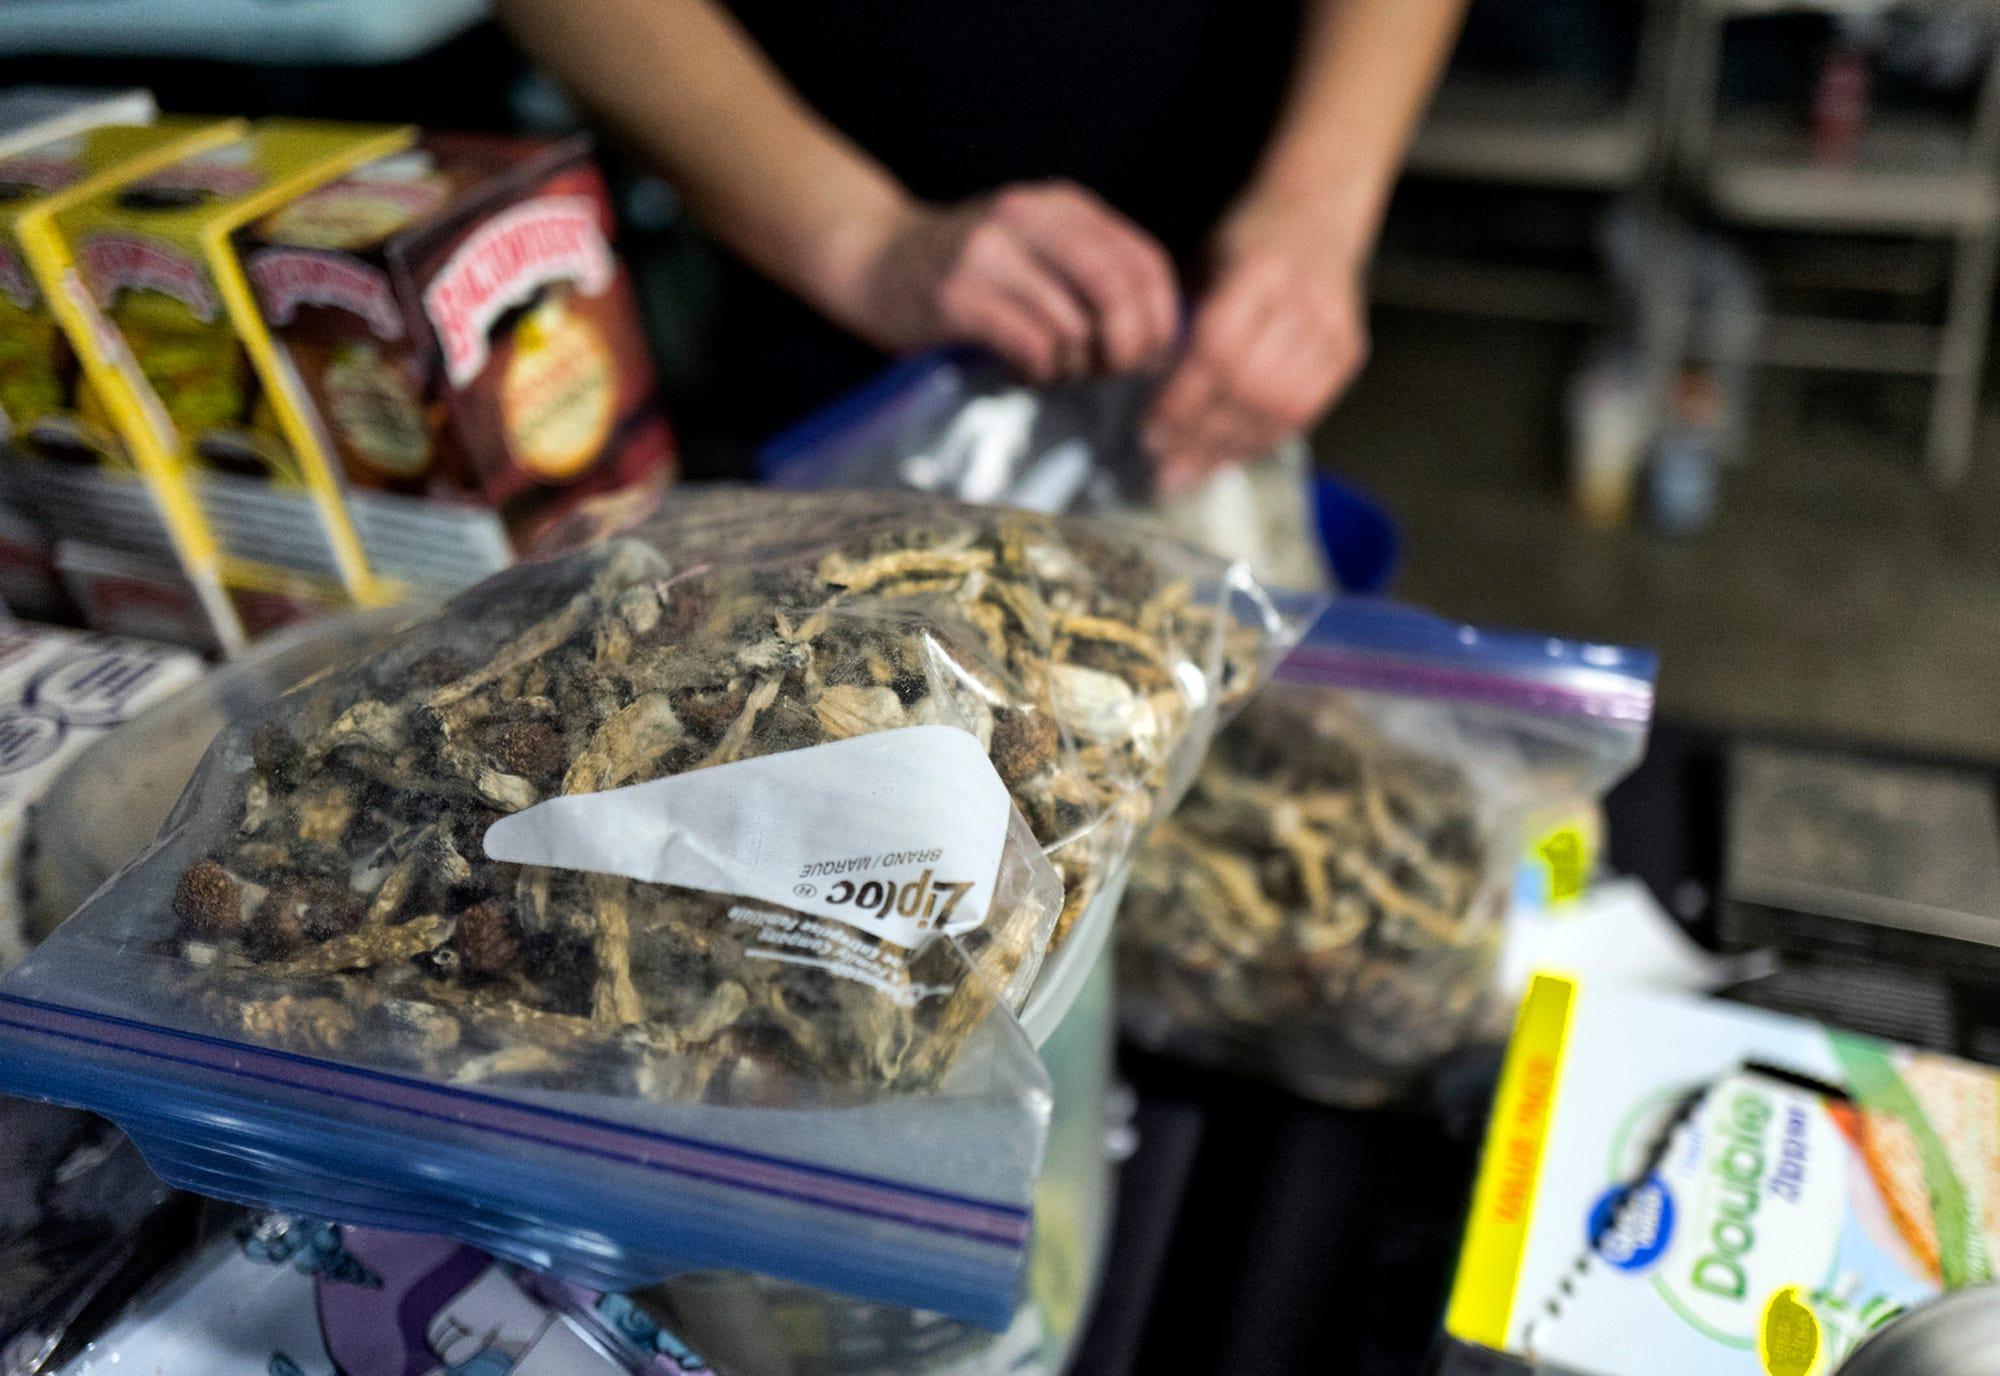 Denver decriminalizes 'magic mushrooms' in historic vote